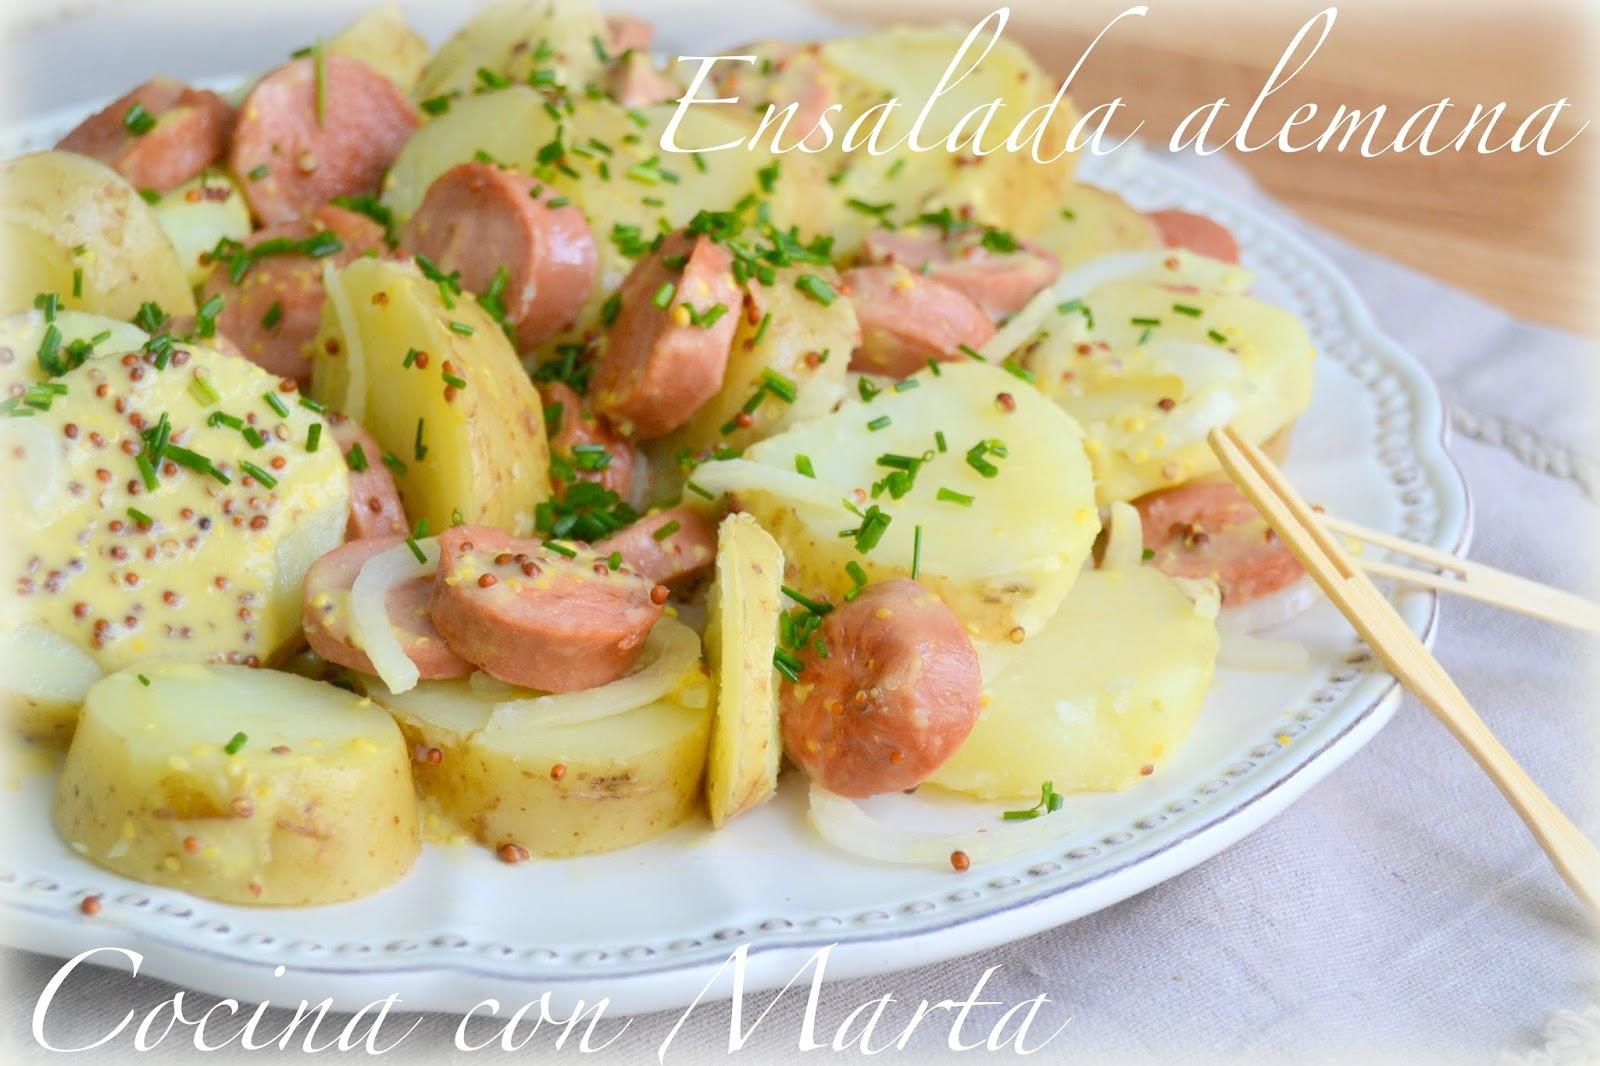 Ensalada Alemana 2 Hogar Cocina Facil